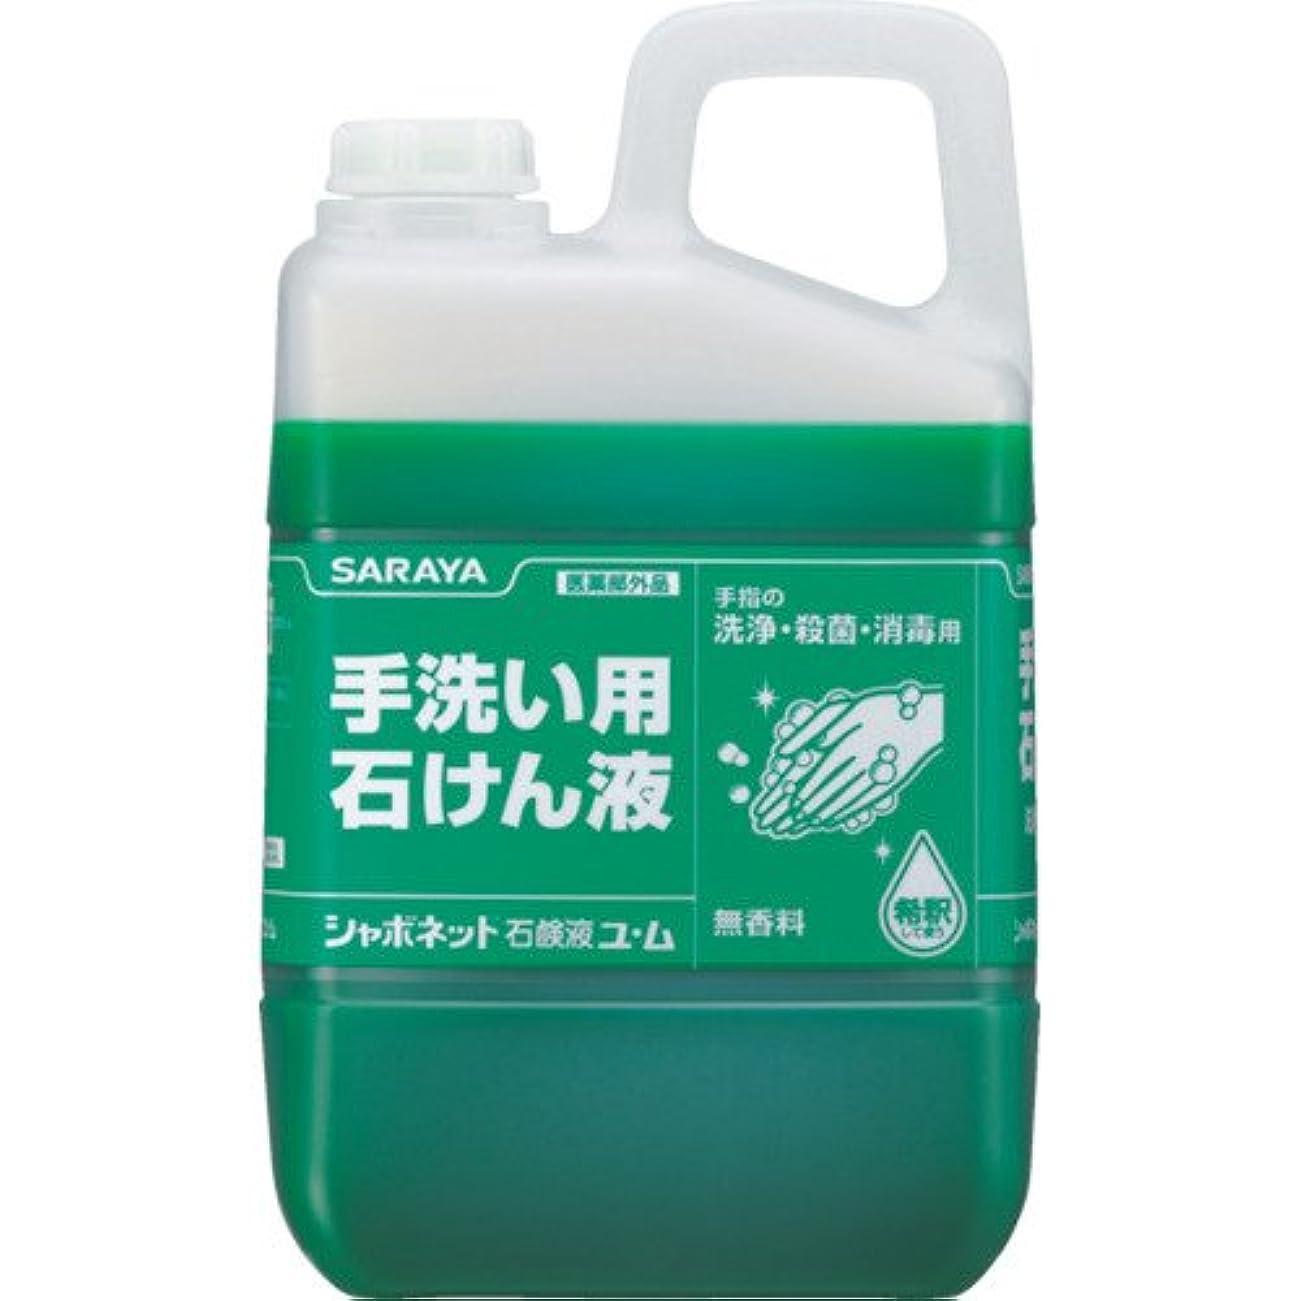 理容師トイレモンゴメリーシャボネット石けん液ユム 3Kg